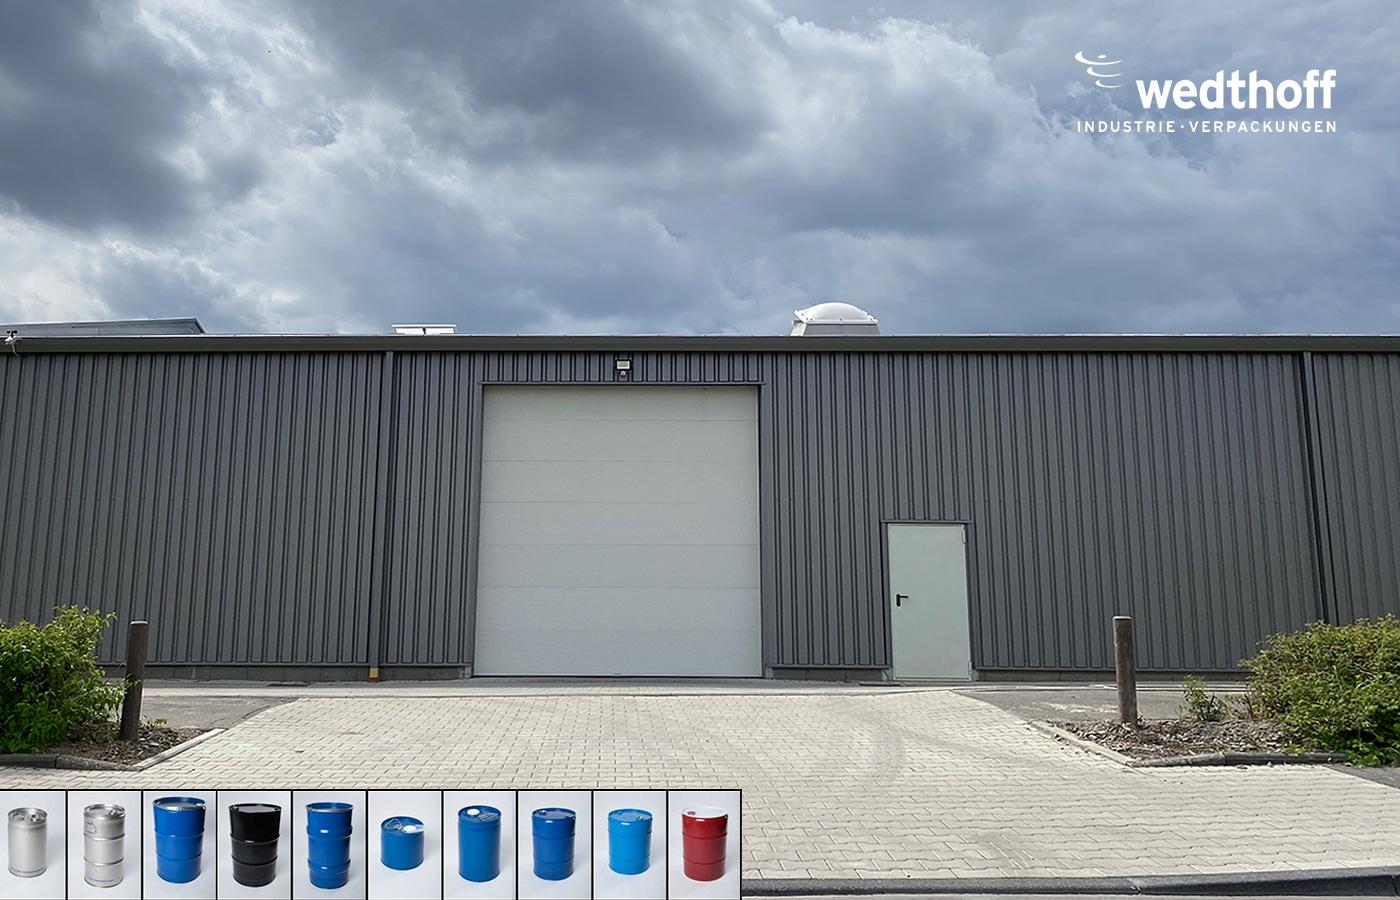 Modernes Lager 01. WEDTHOFF Industrieverpackungen + Gefahrgutverpackungen in Köln Bonn NRW. Optimaler Lieferservice